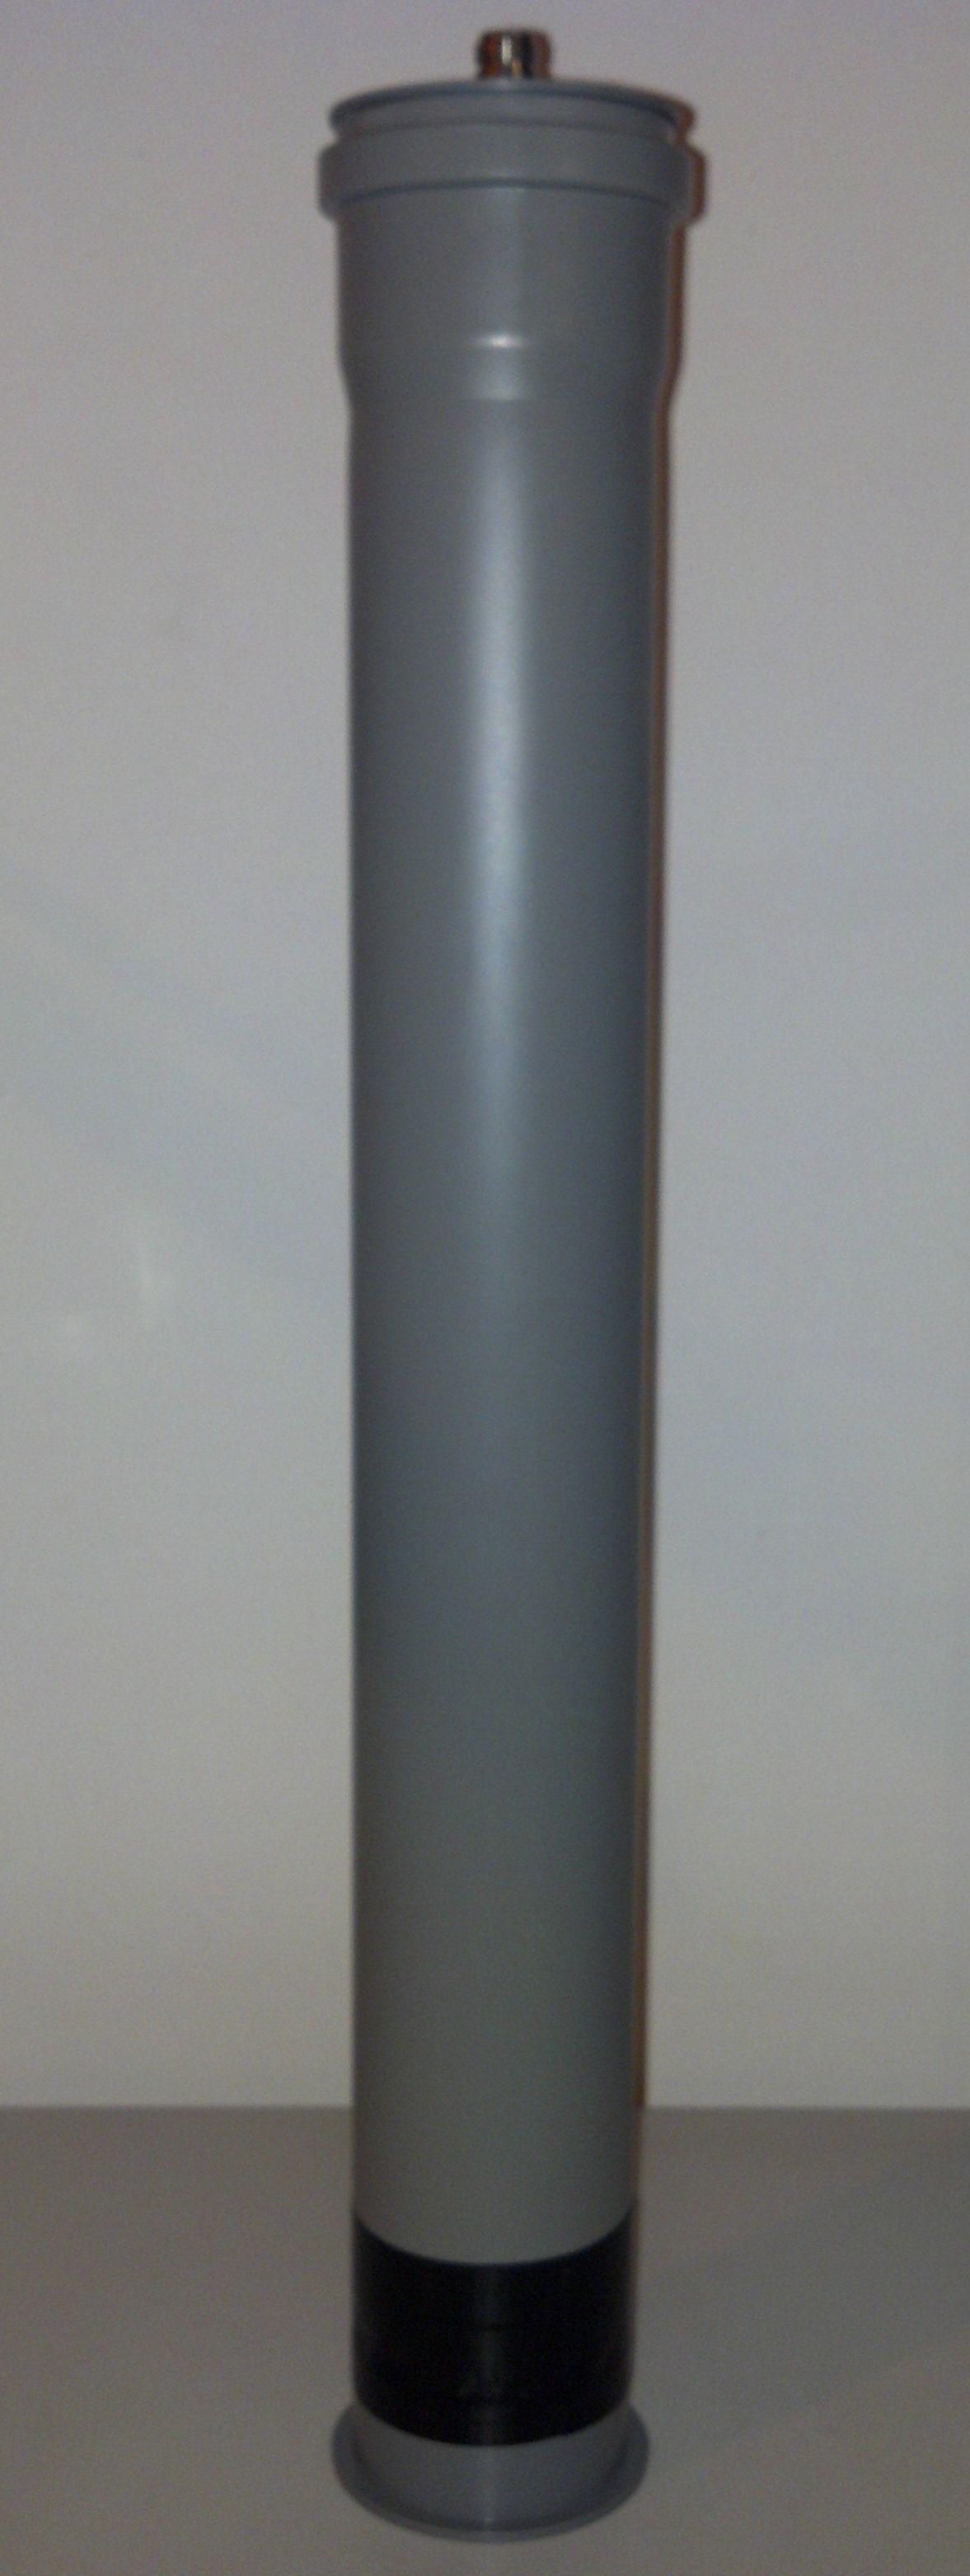 A2000 - Tube assembled